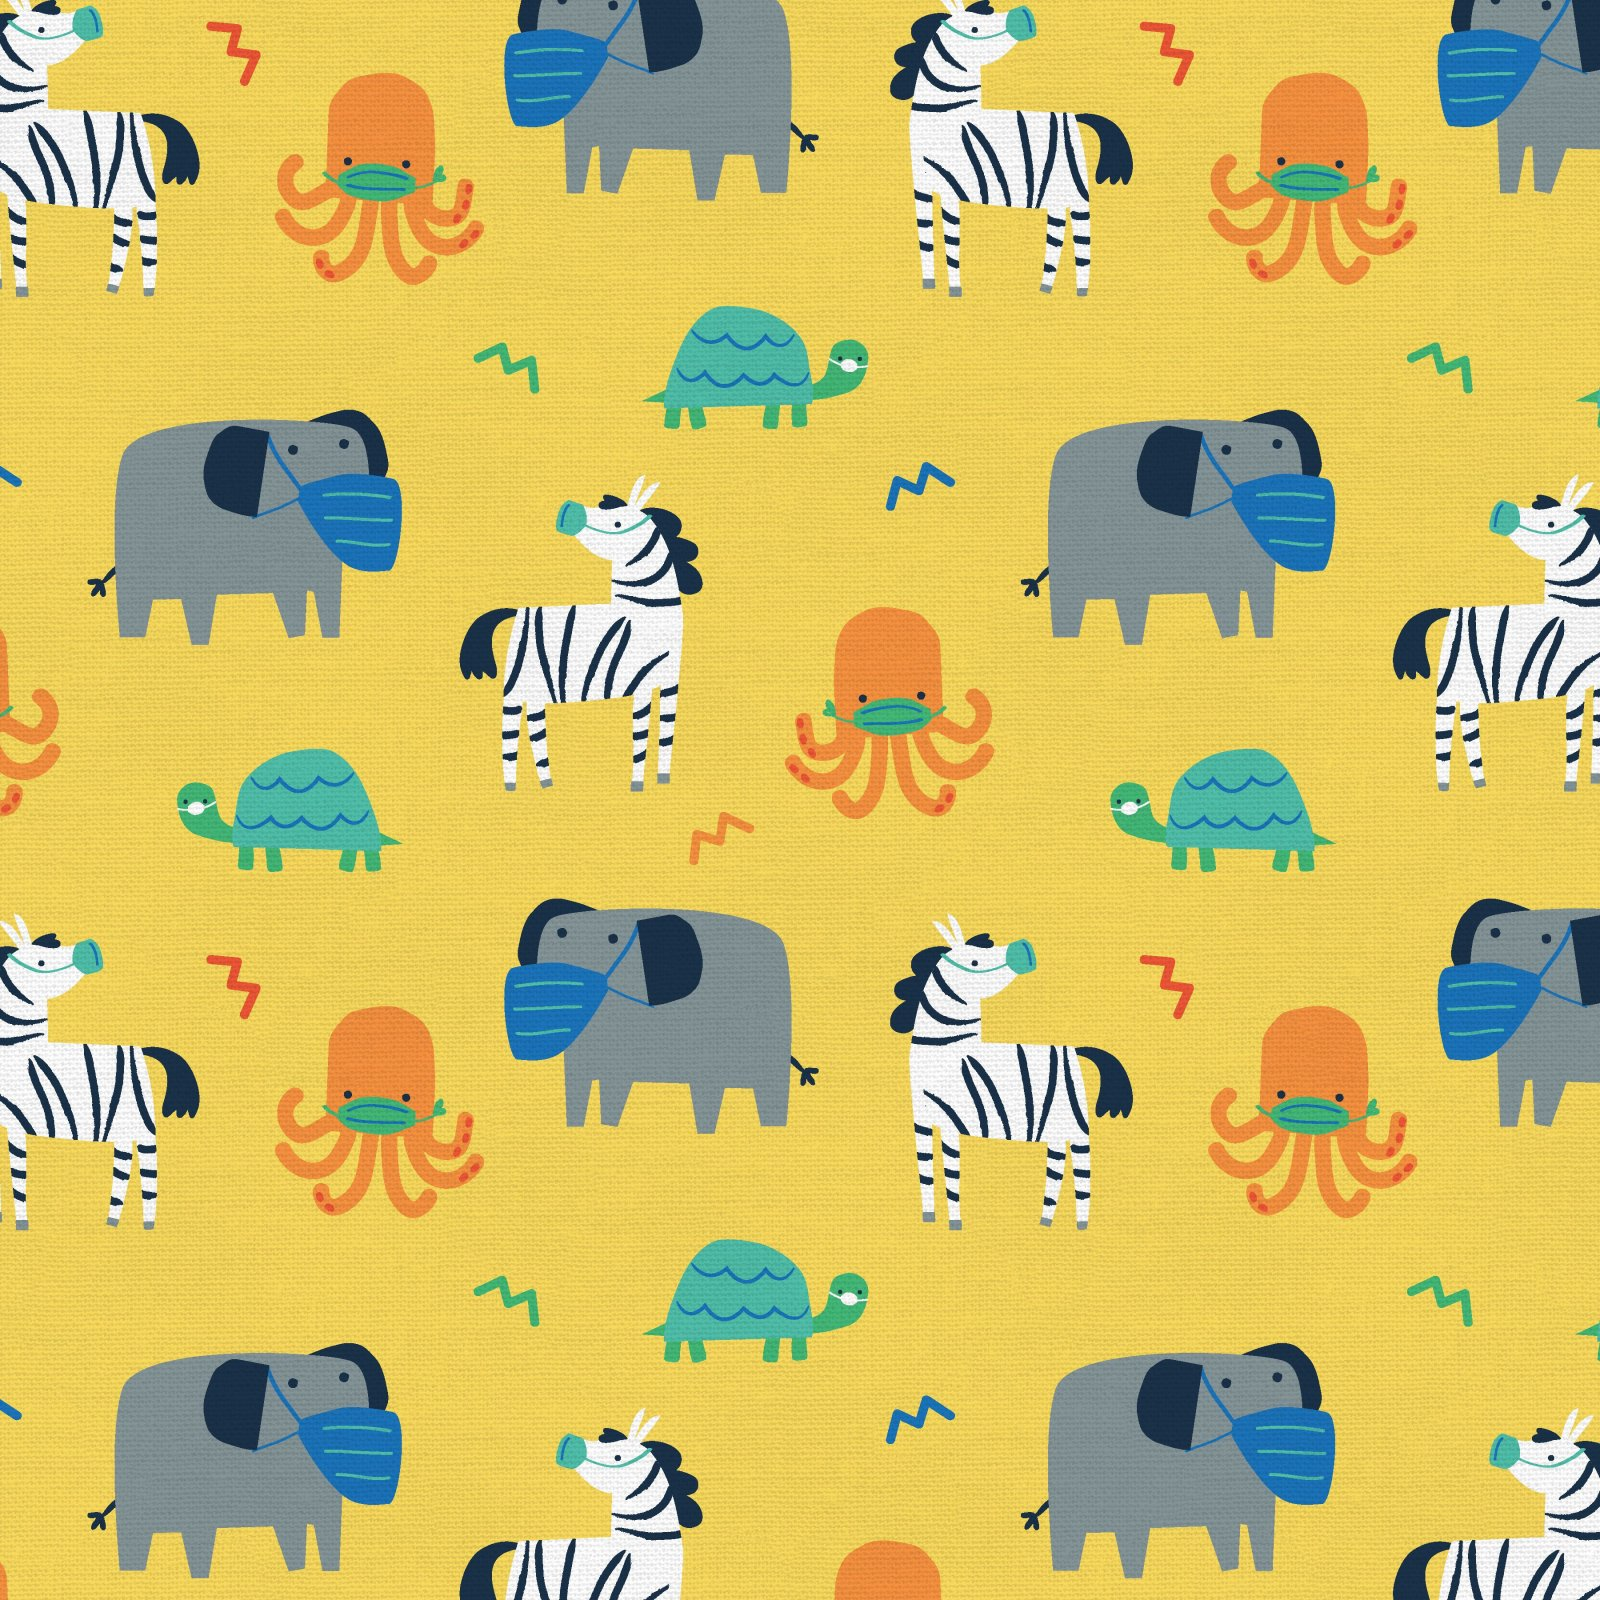 PROMO* PS-Mask Up! 120-21768 Yellow - Elephant Zebra Turtle Octopus